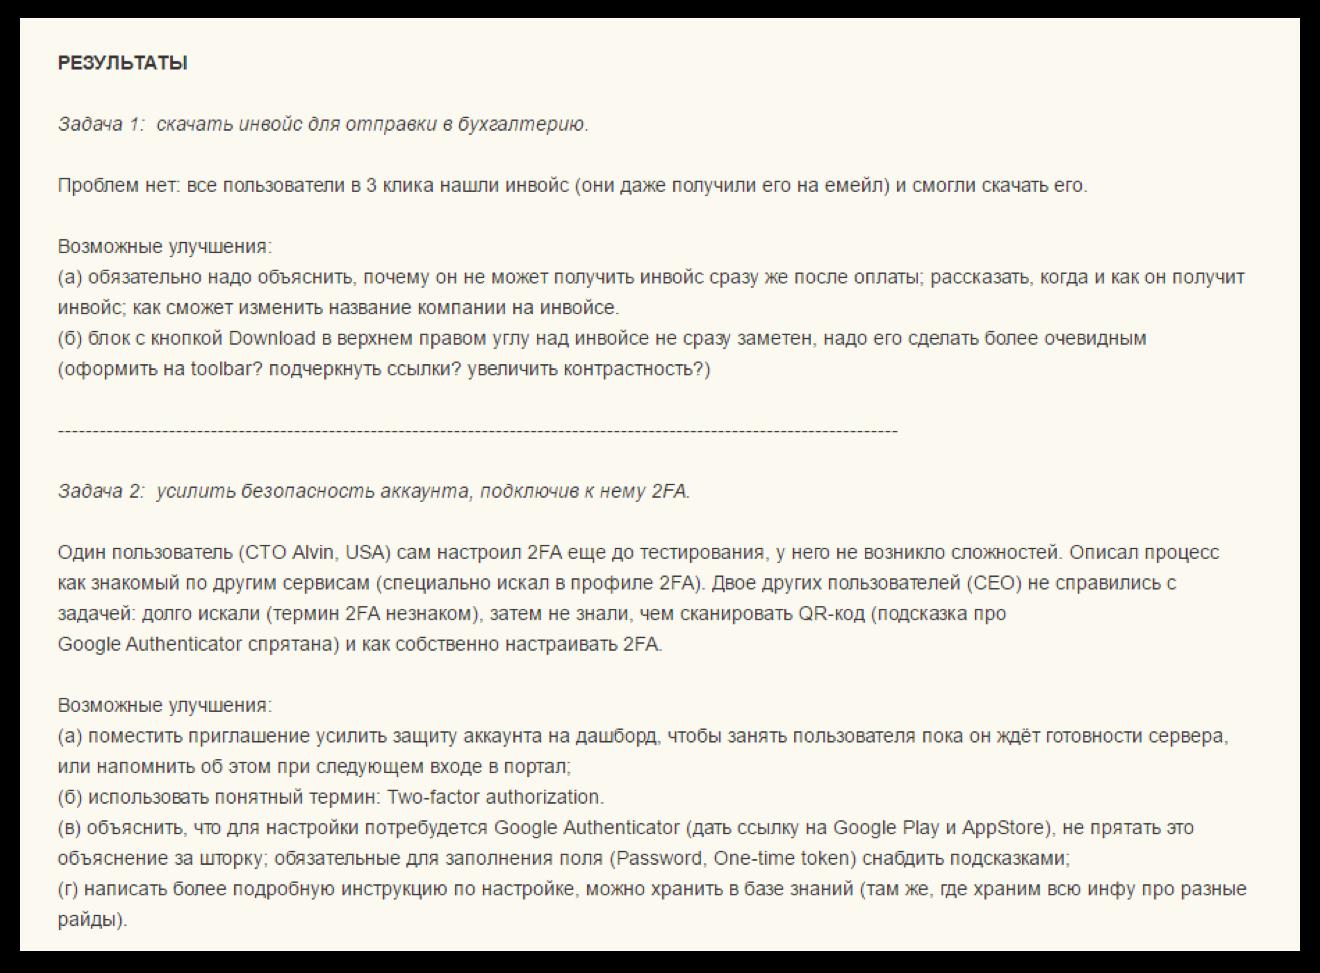 Результаты пользовательского тестирования | sobakapav.ru